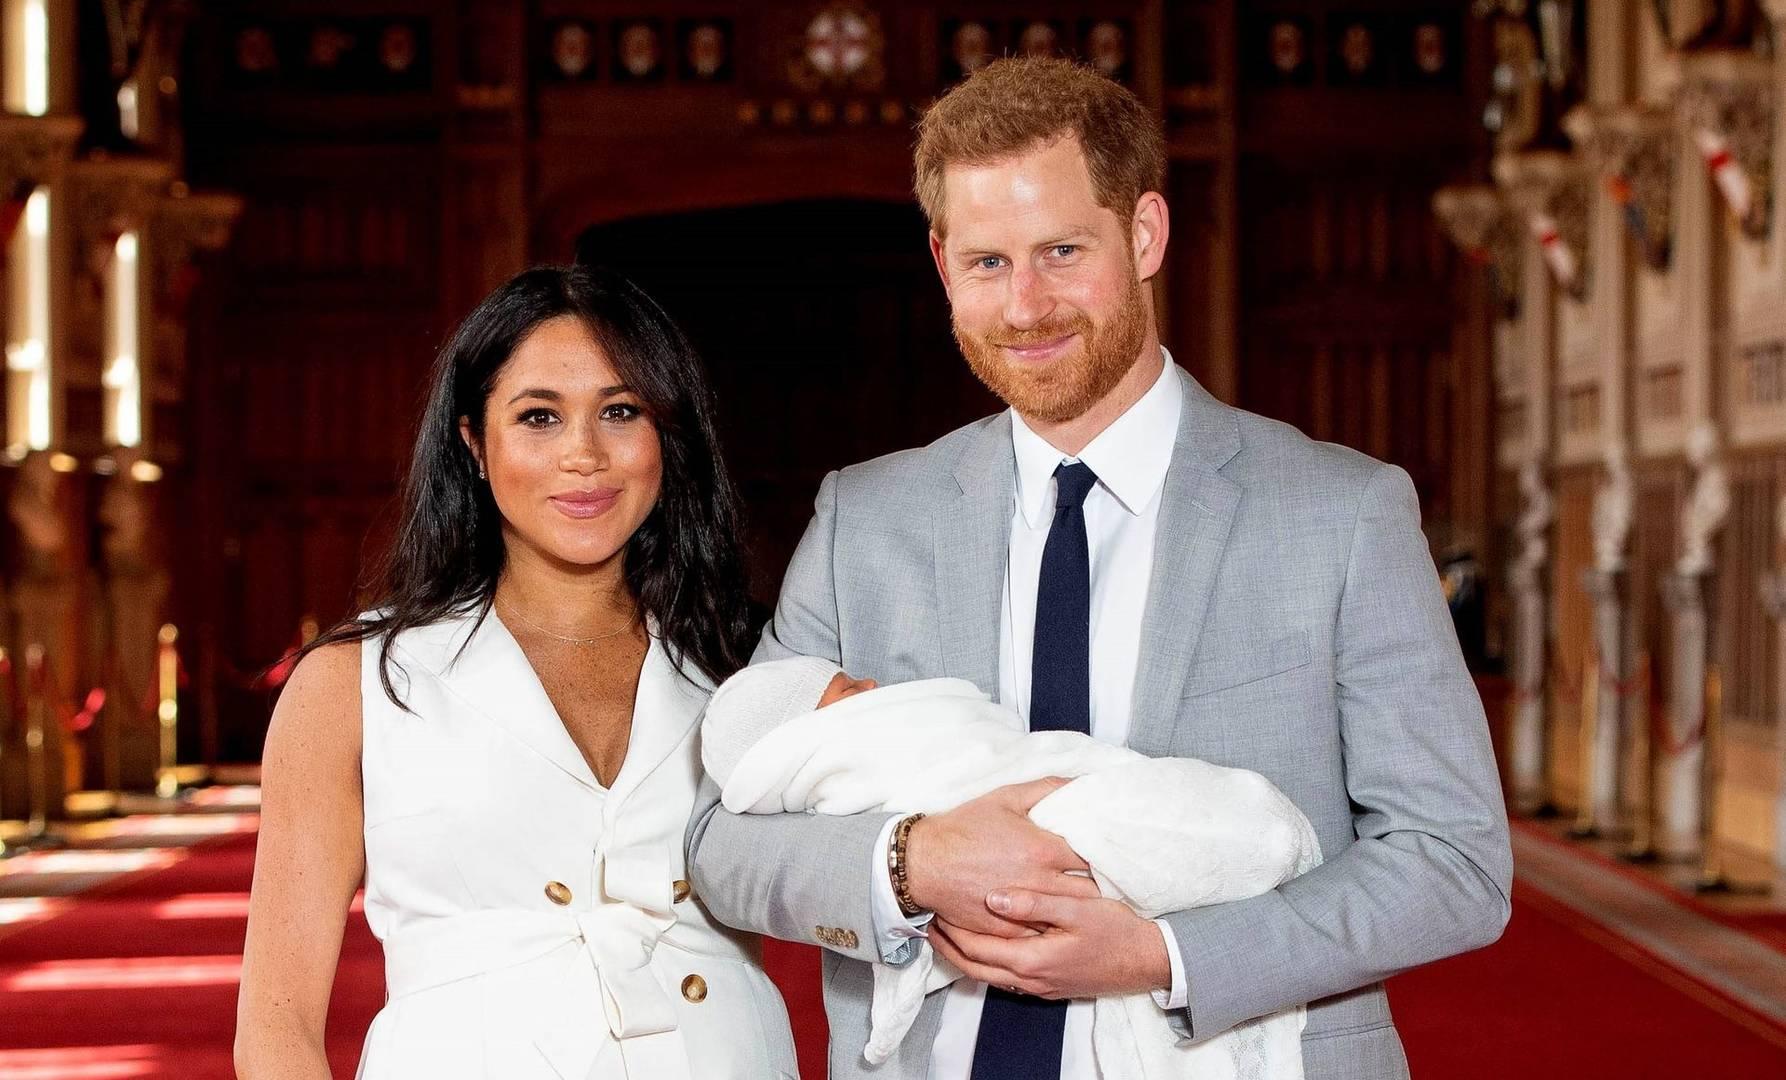 Las «preocupaciones» de la familia real británica de cuán oscura podía ser la piel del hijo del príncipe Enrique y Meghan Markle